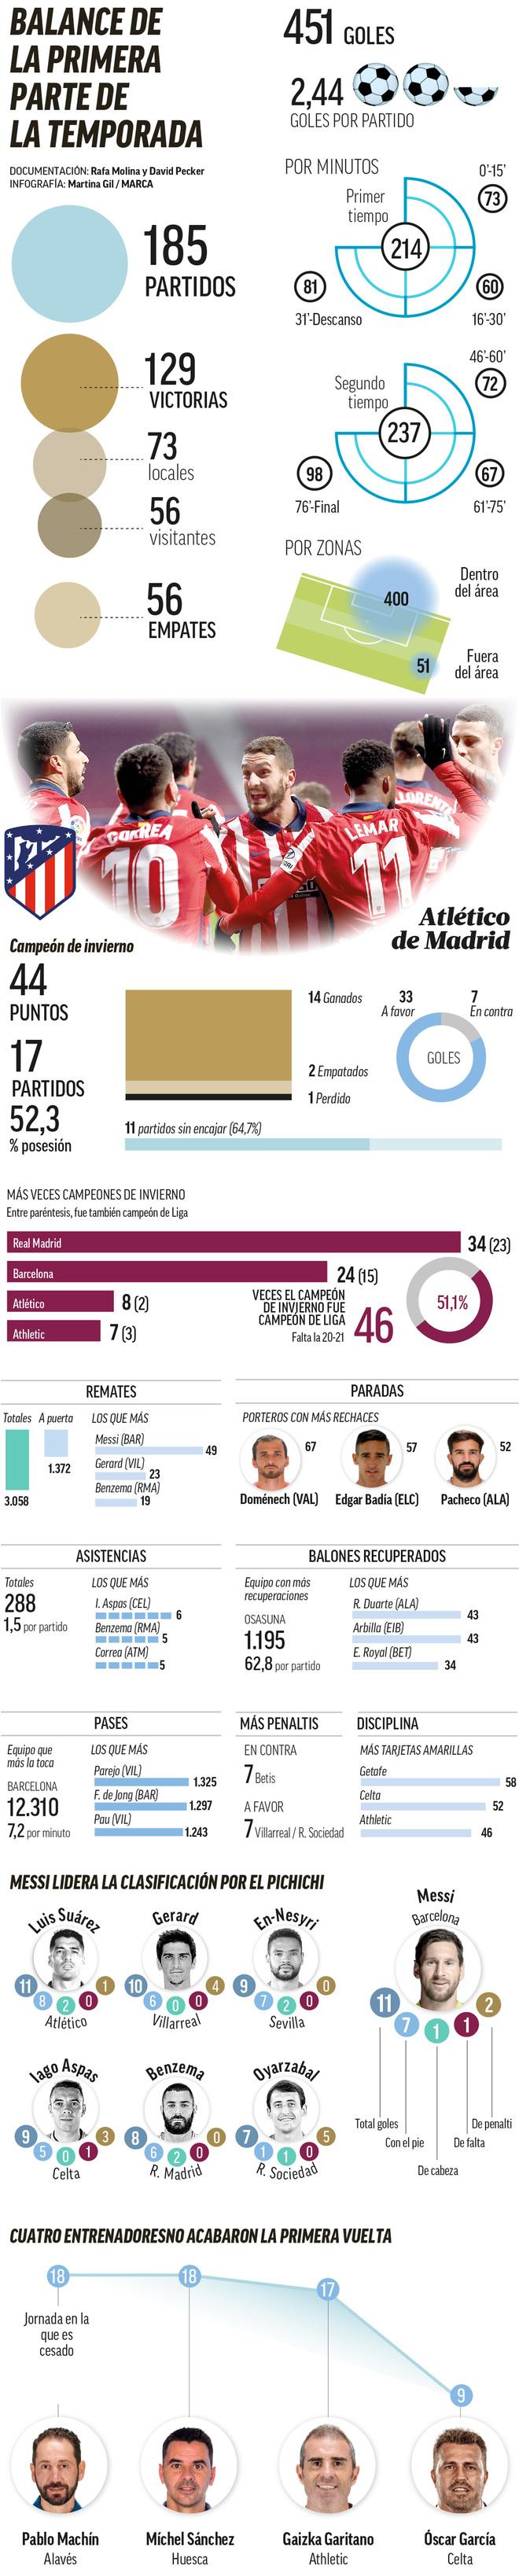 Atlético, Luis Suárez, Aspas... Resumen y protagonistas de la primera vuelta